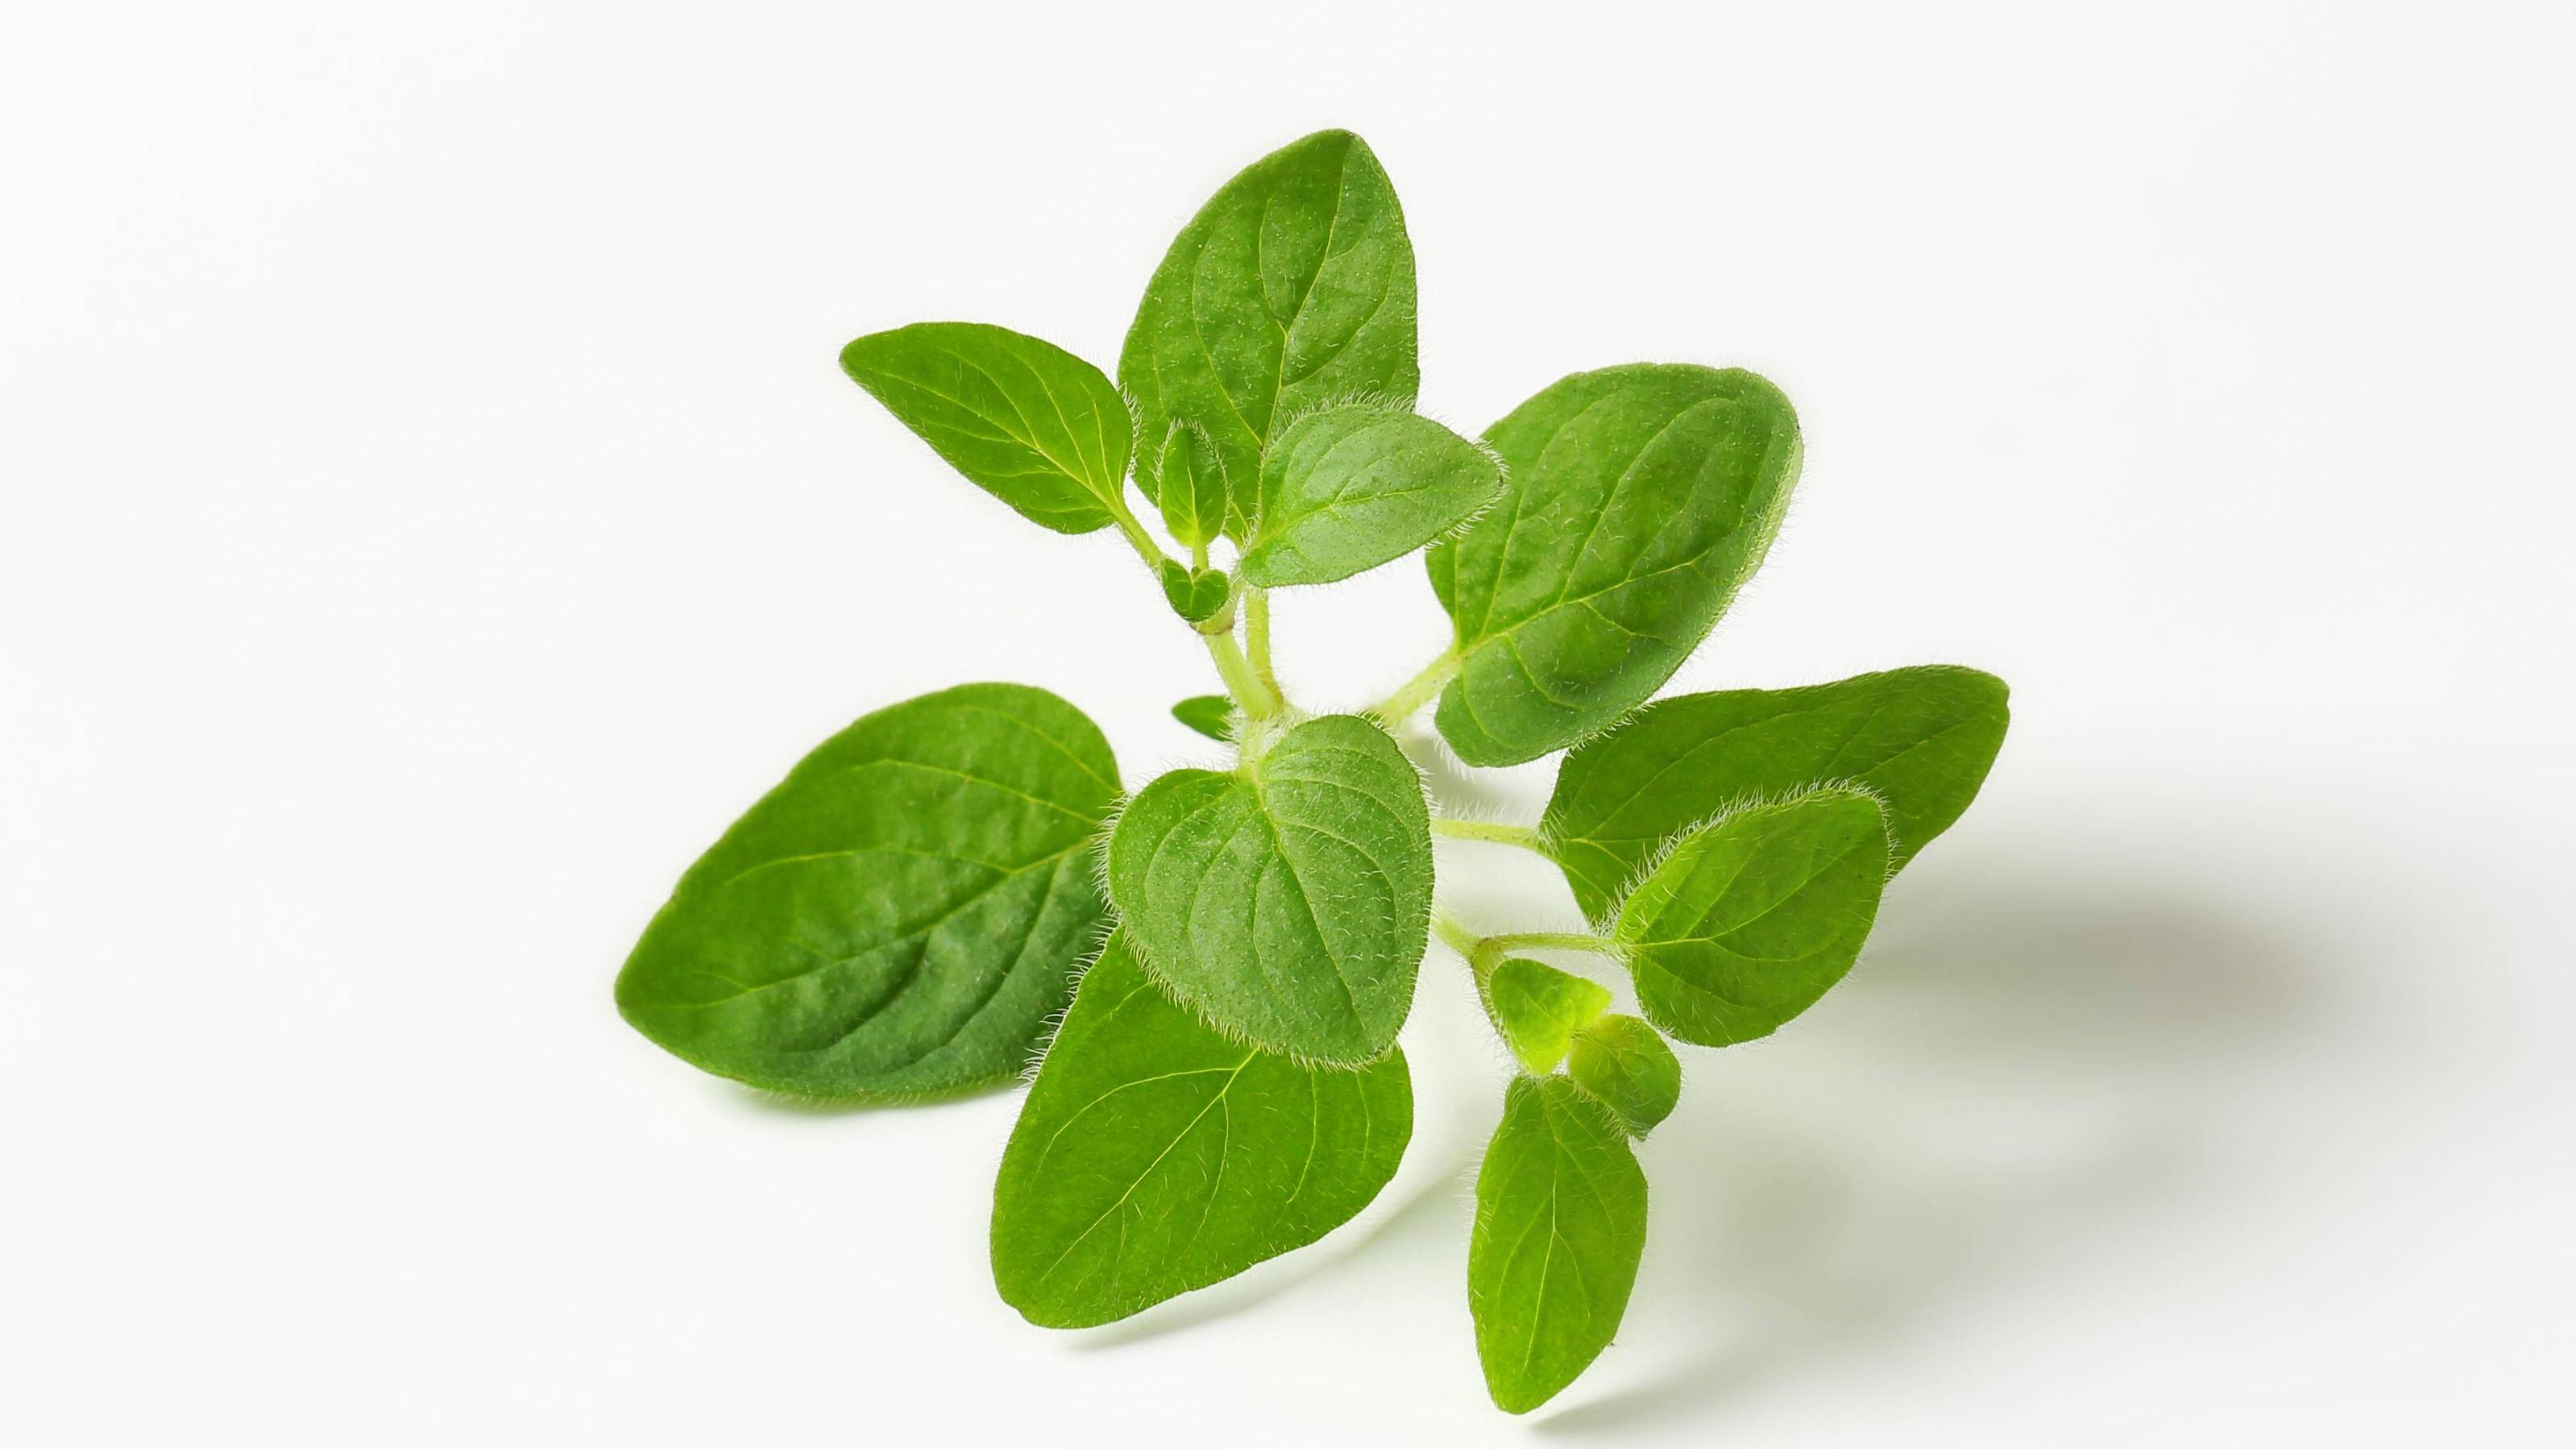 Oreganoöl kann aufgrund seiner entzündungshemmenden Wirkung gegen Akne, Zahnfleischentzündungen und Herpes eingesetzt werden.